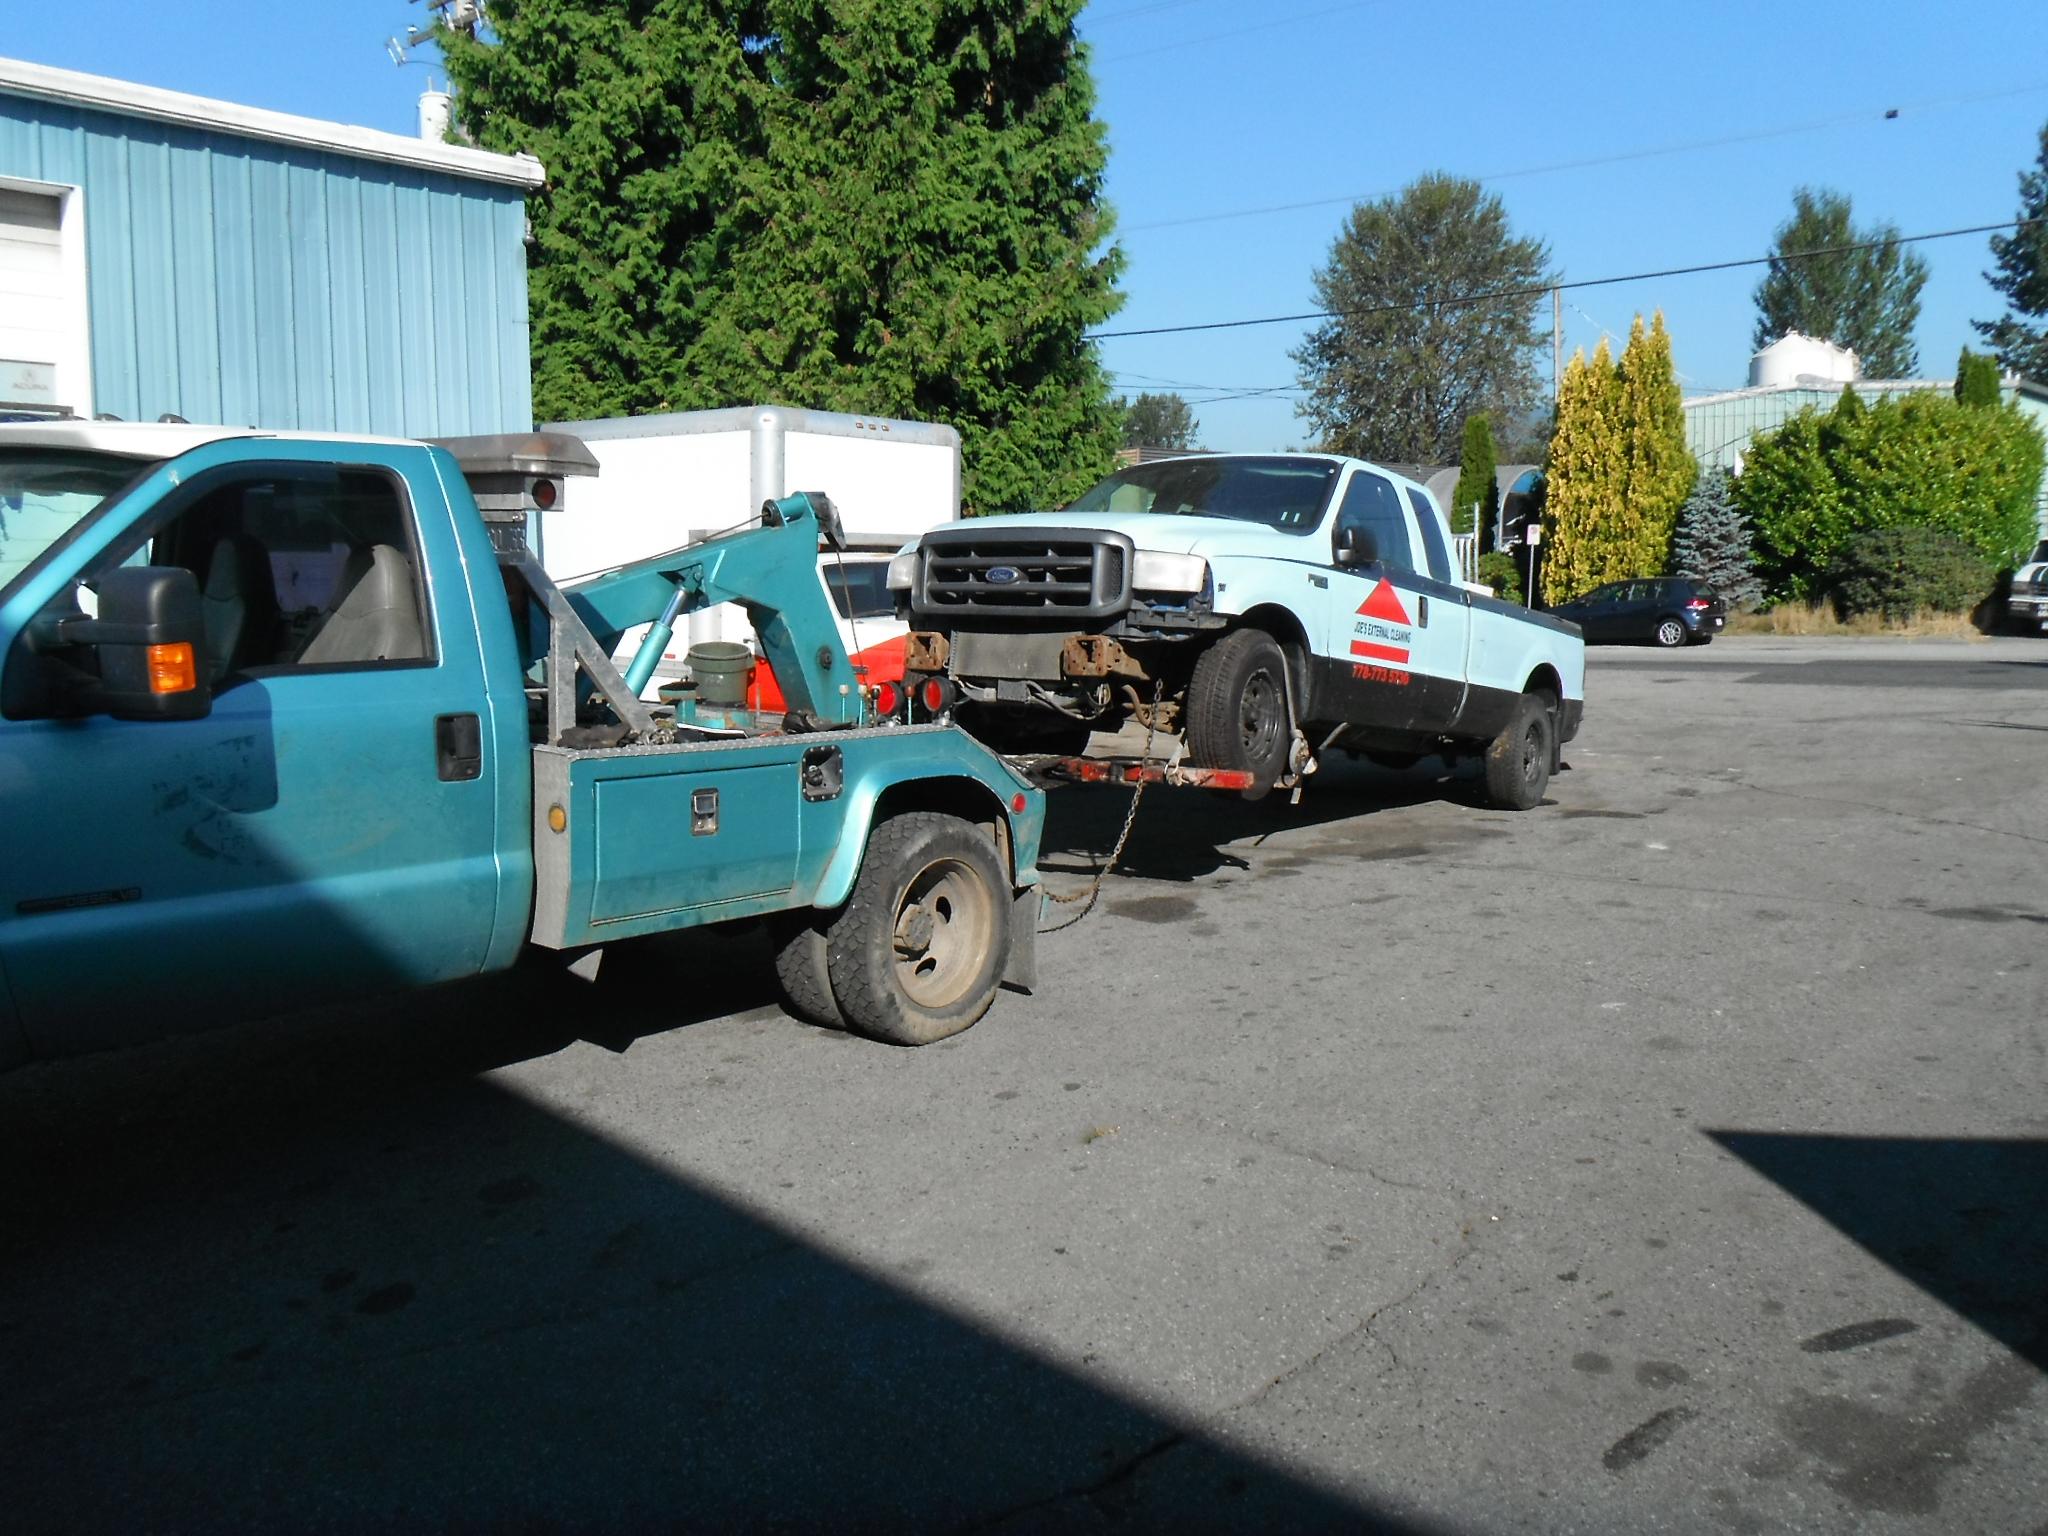 Junk Car Removal Maple Ridge\' Articles at Scrap 4 Cash